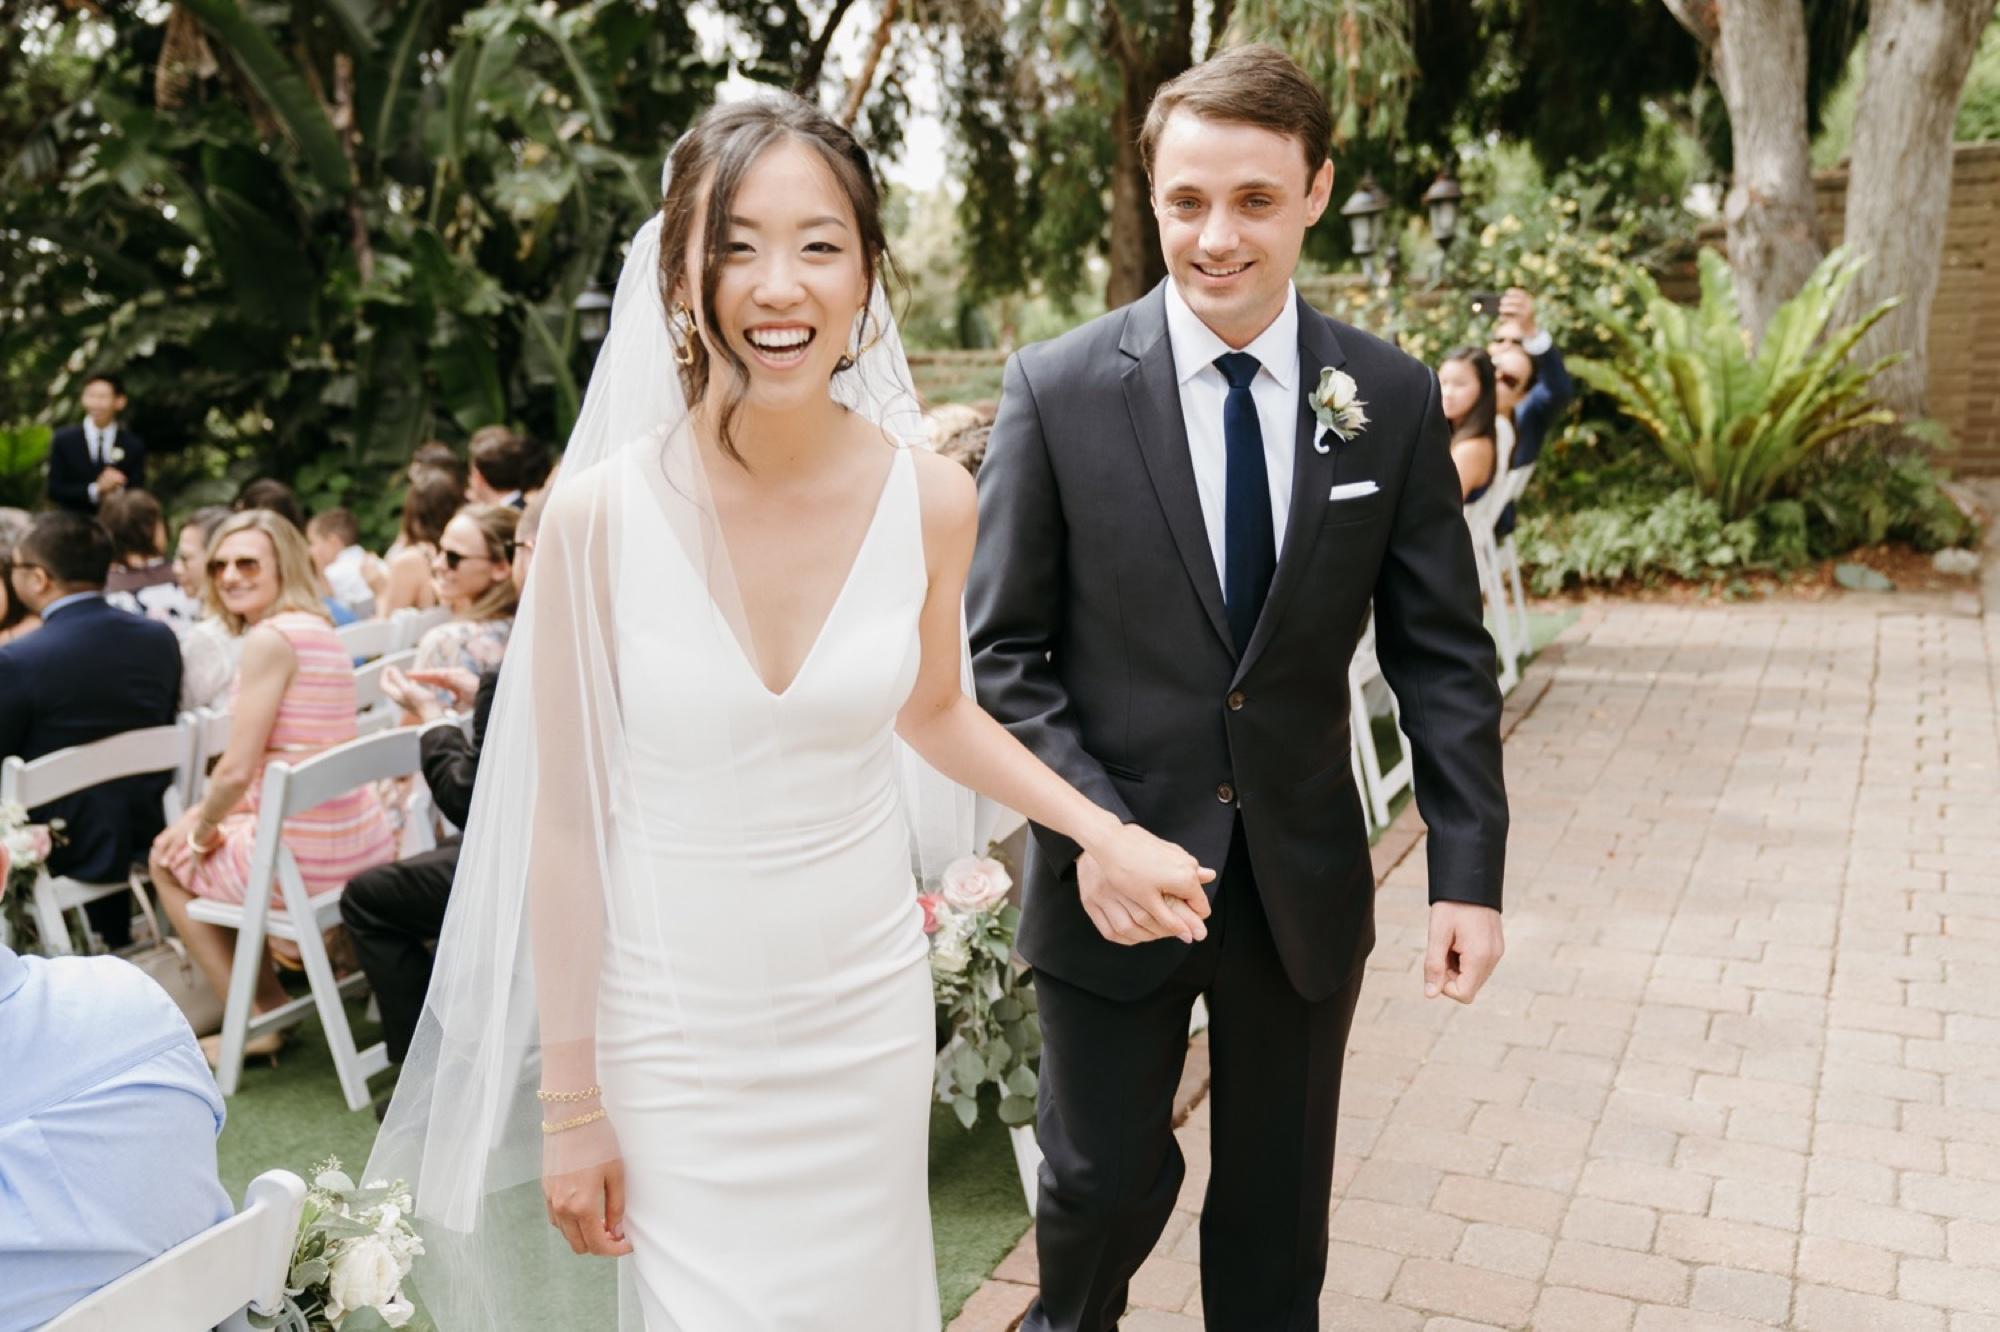 042_Shawna and Steve's Wedding-235.jpg